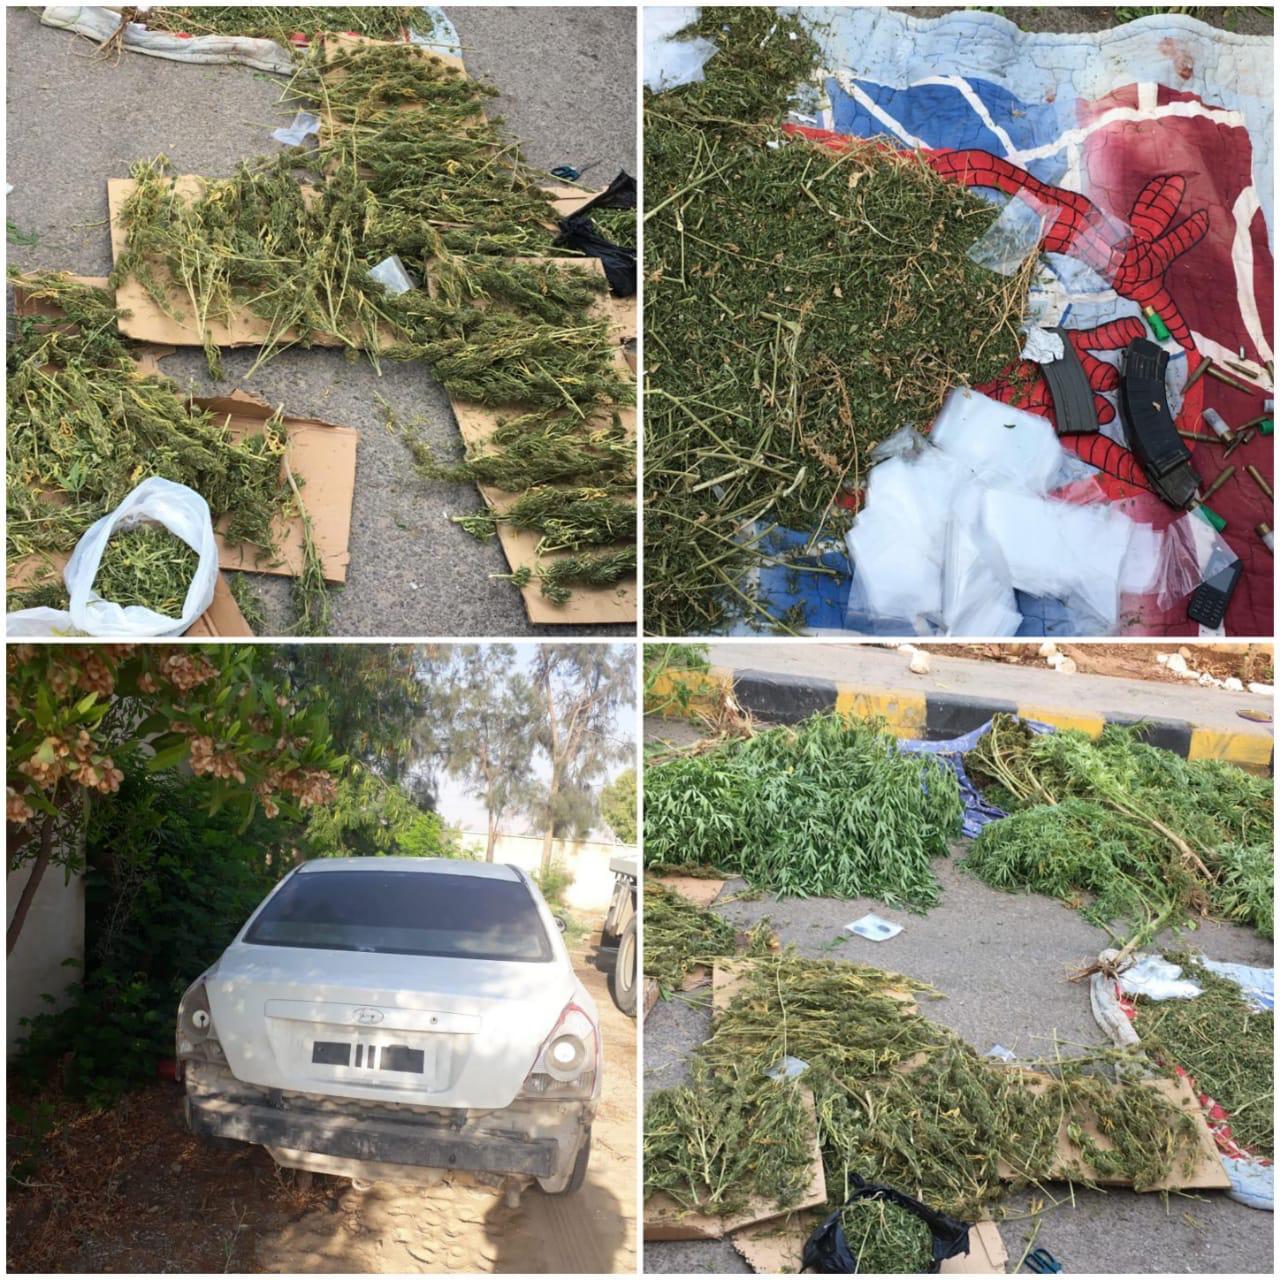 بالفيديو  ..  القبض على (8) من مروجي مخدرات وضبط 1500 شتلة ماريجوانا في الشونة الجنوبية